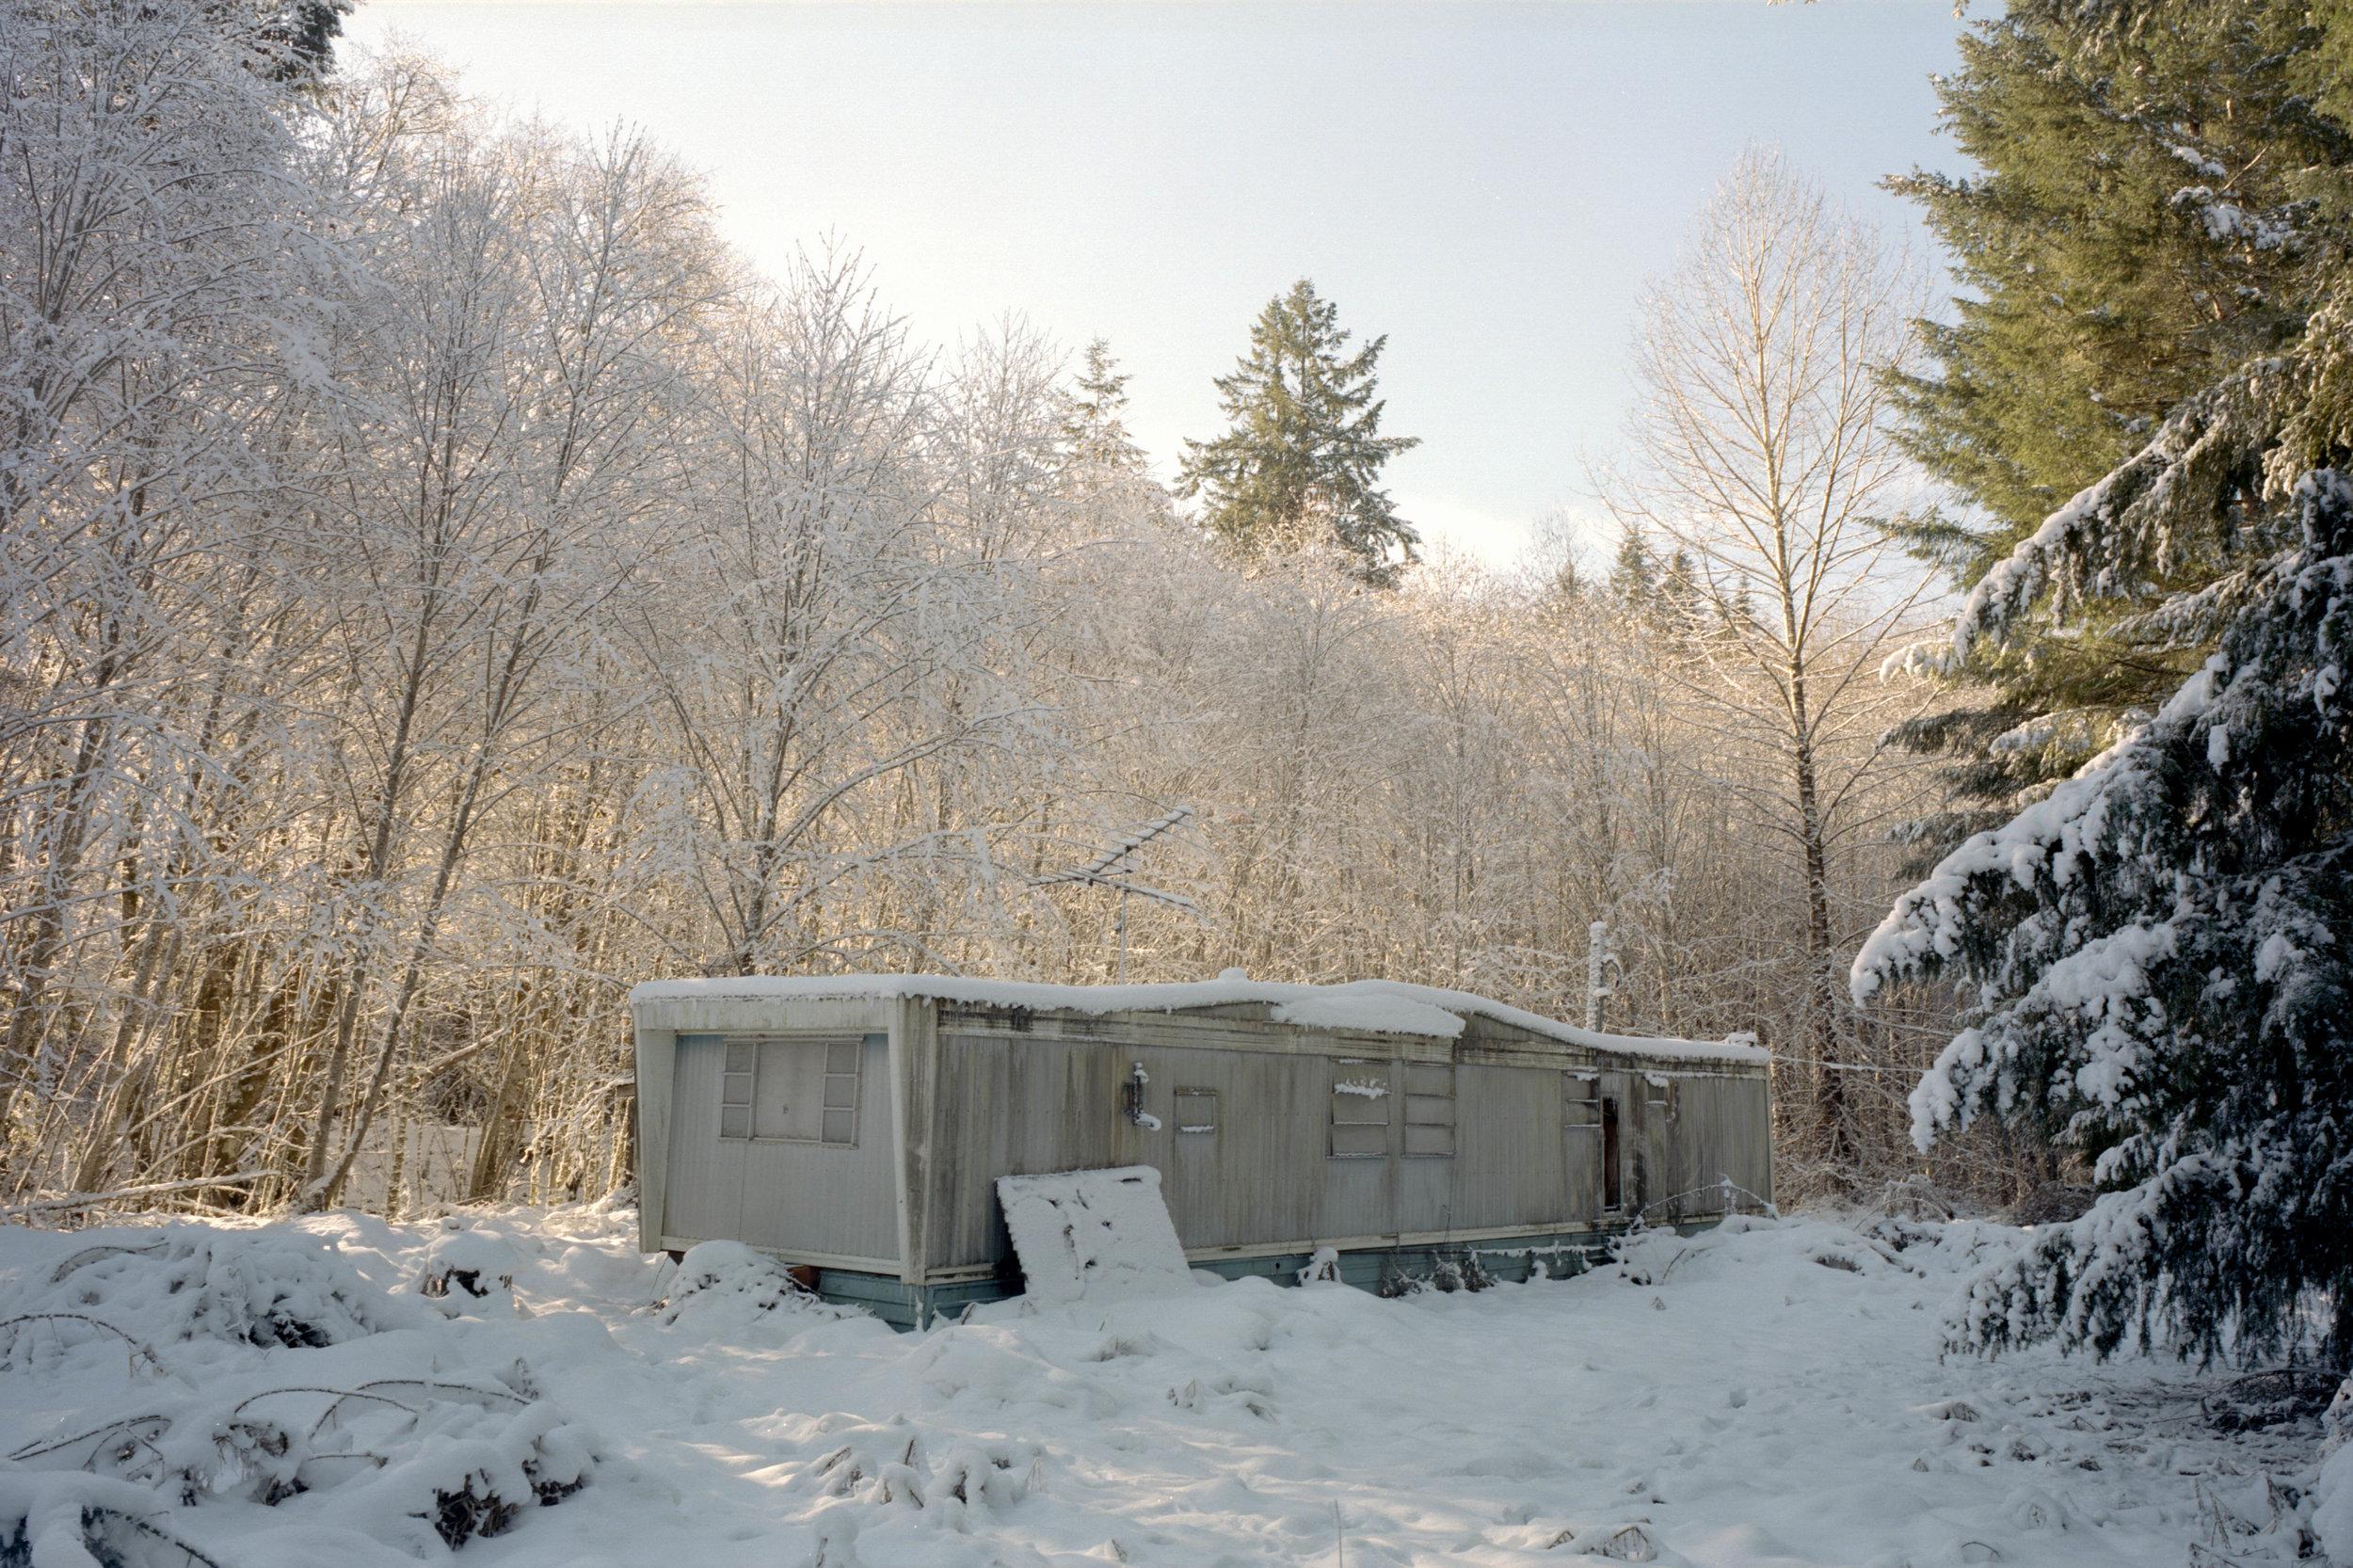 W69-015.scap.trailer_1.jpg